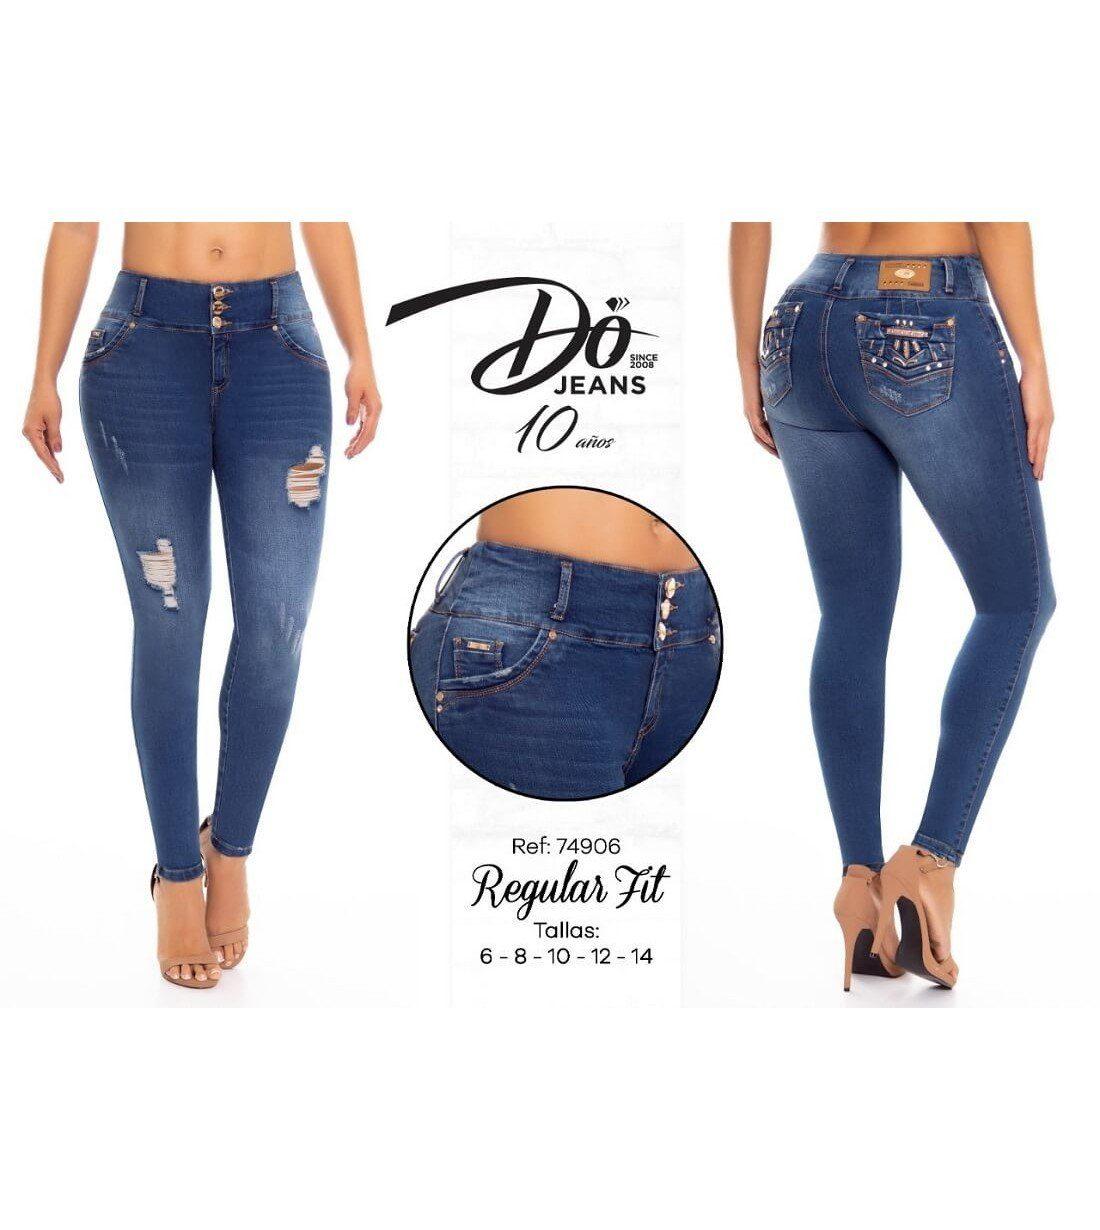 Pantalon Colombiano Do Jeans -74906